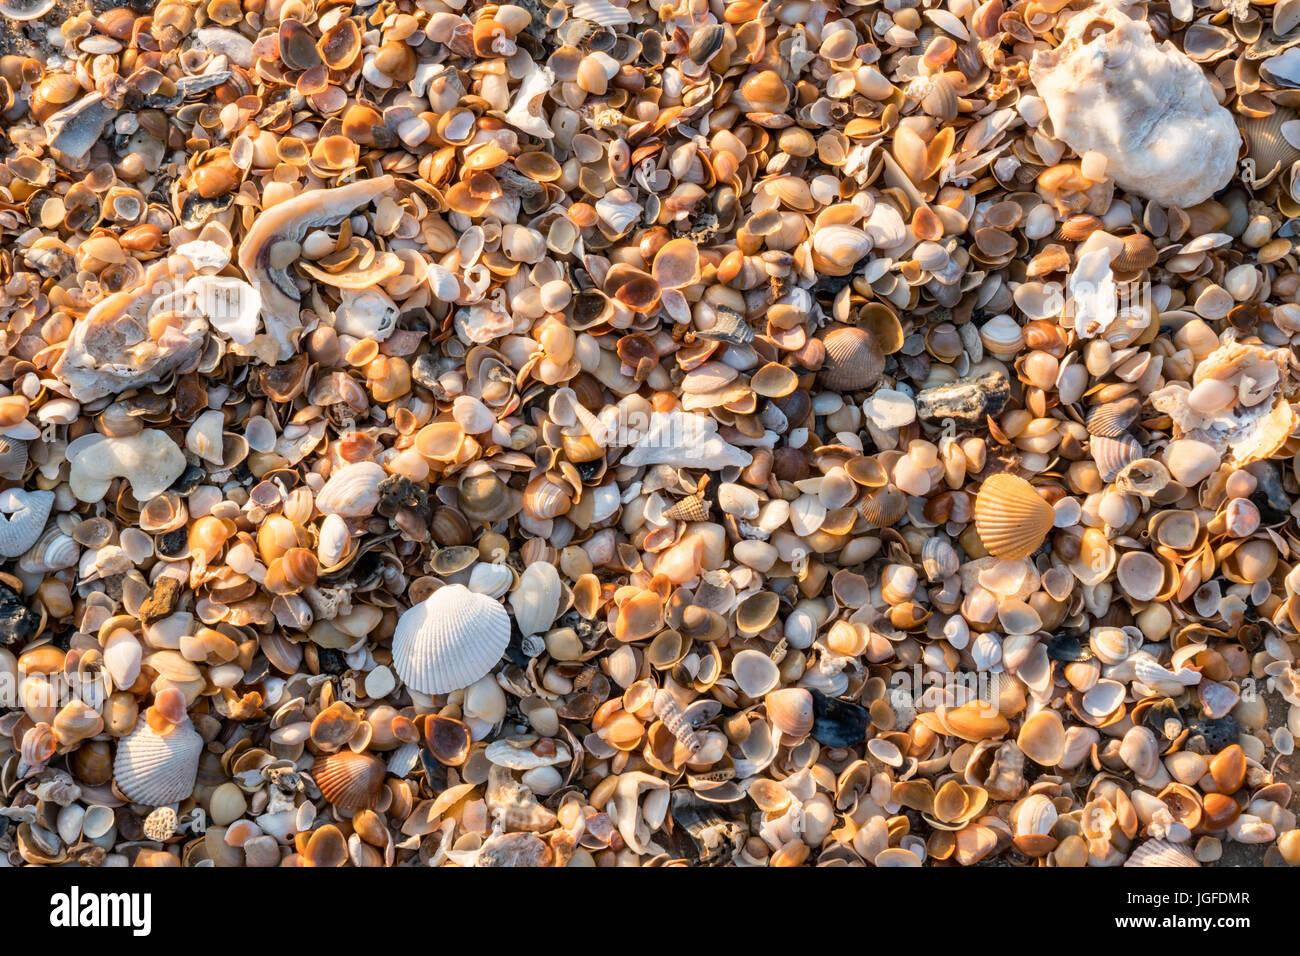 Una colección de caracoles se encuentran en las playas de Amelia Island en Florida. Foto de stock